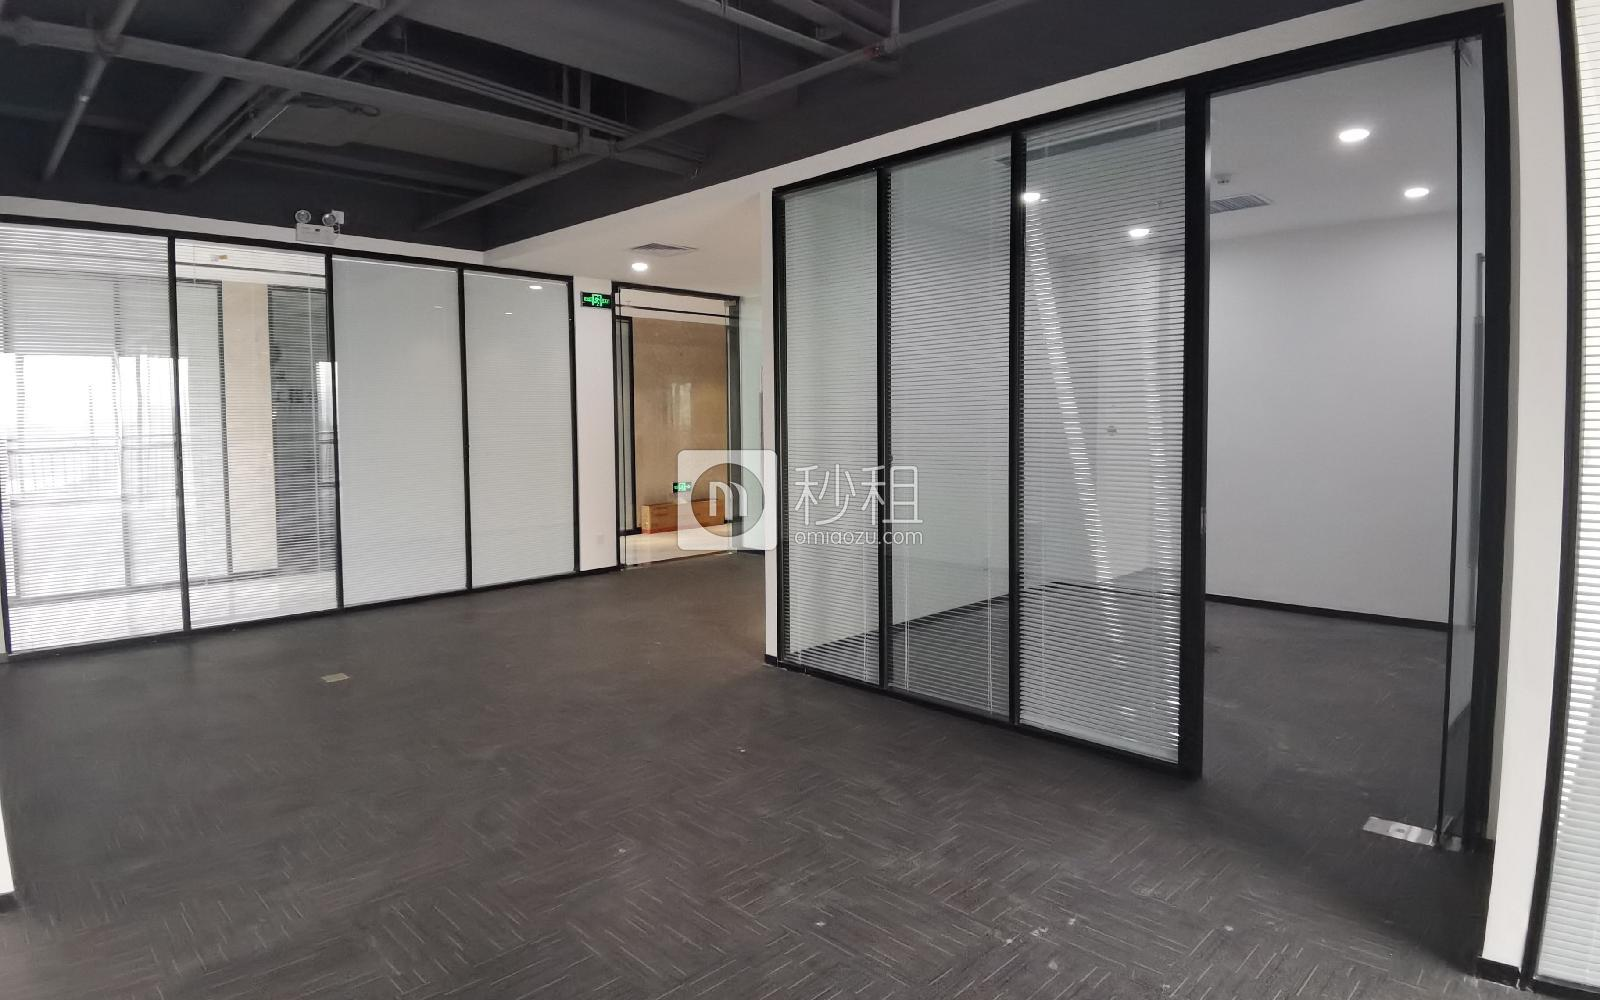 光明-公明 格雅科技大厦 218m²